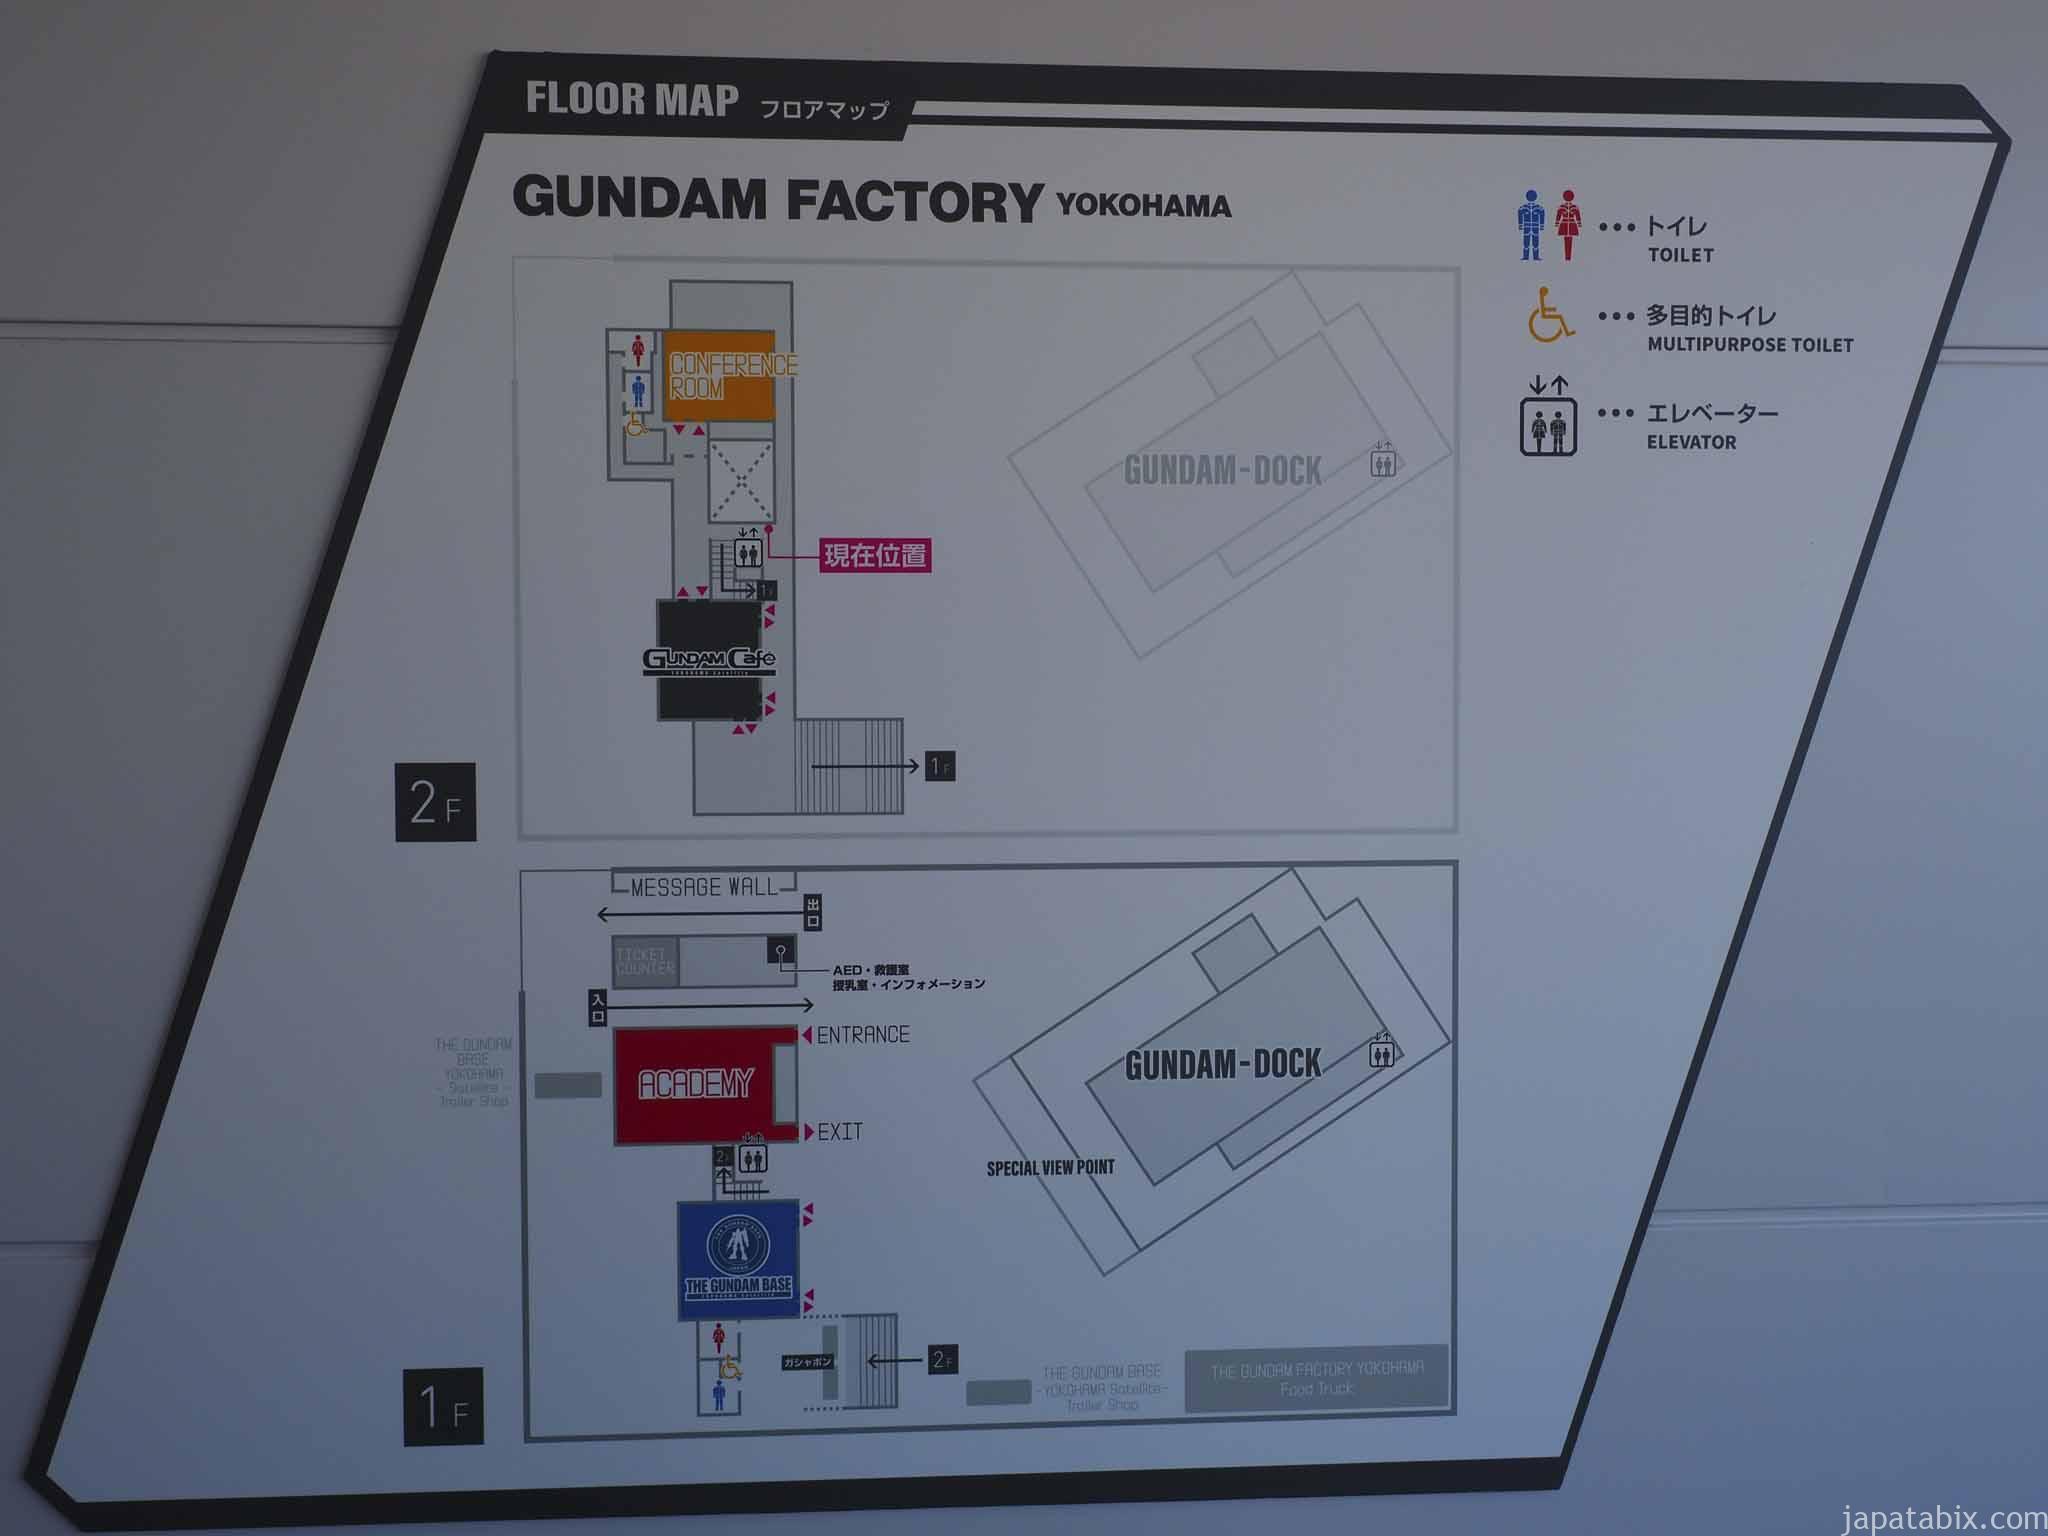 GUNDAM FACTORY YOKOHAMA フロアマップ